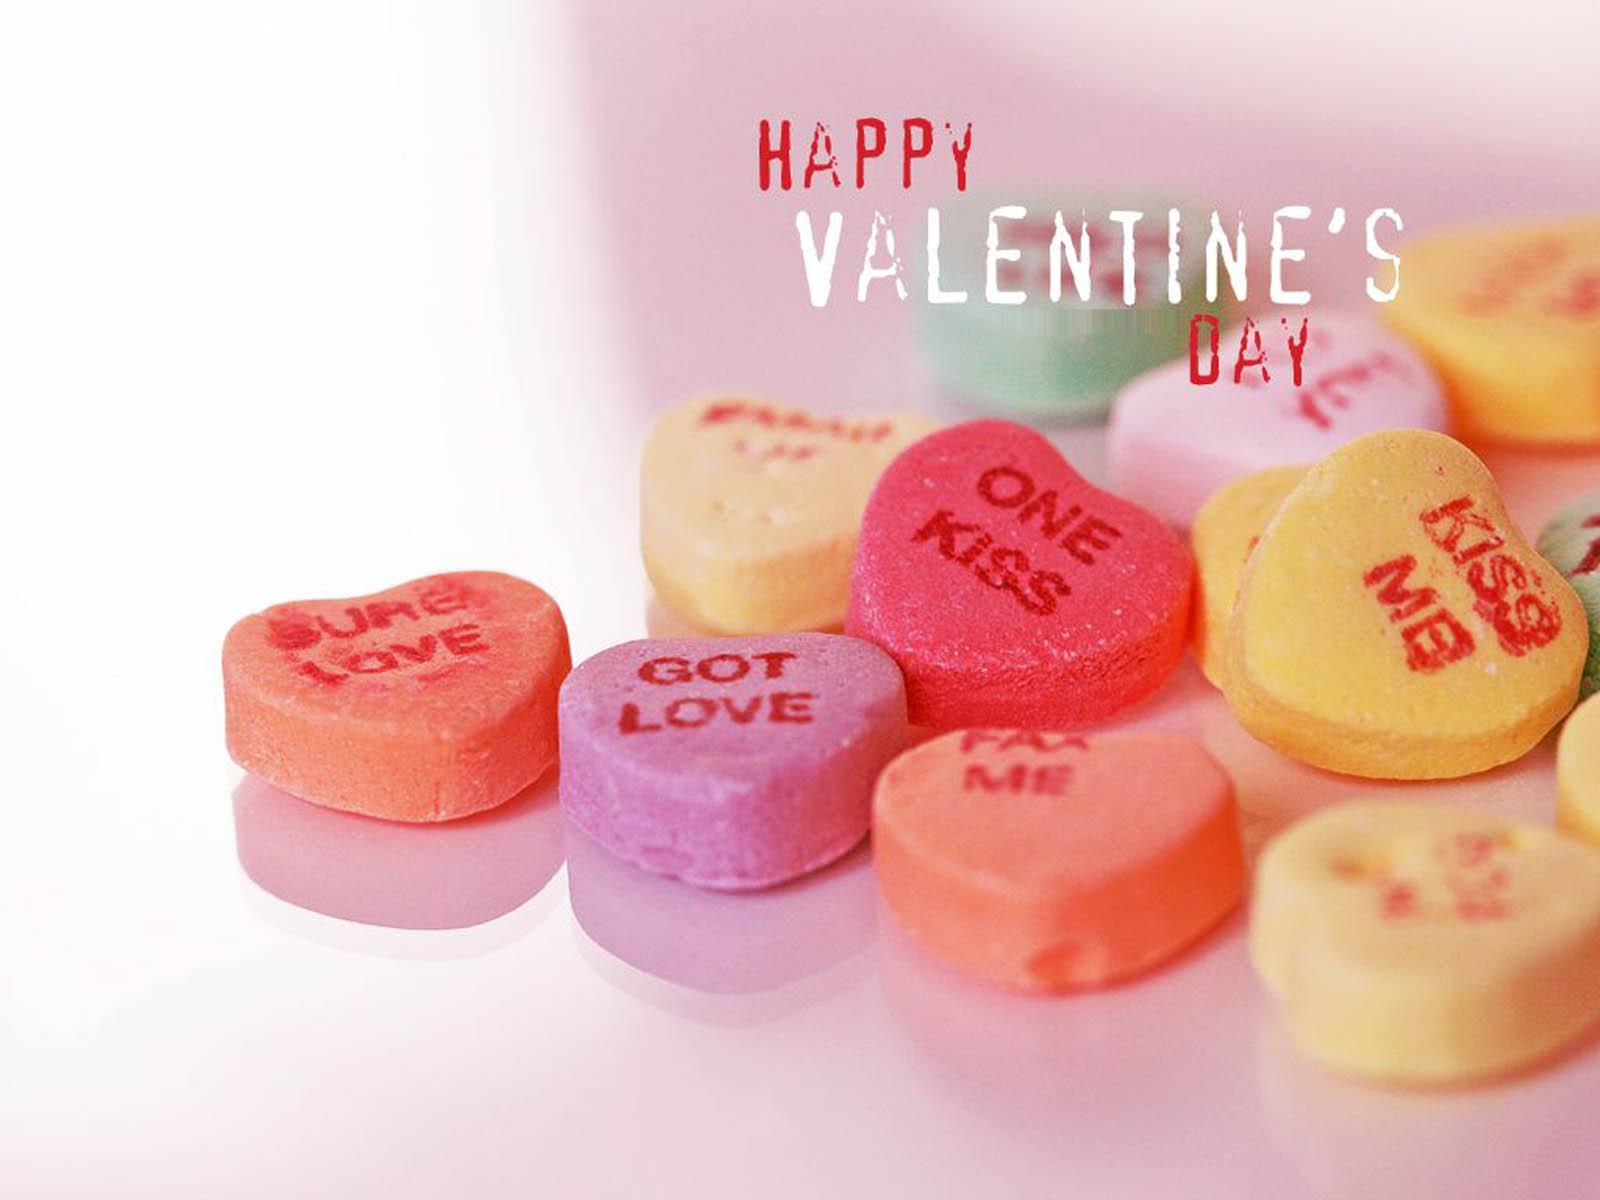 Valentines Day Desktop Wallpapers 2013 1600x1200